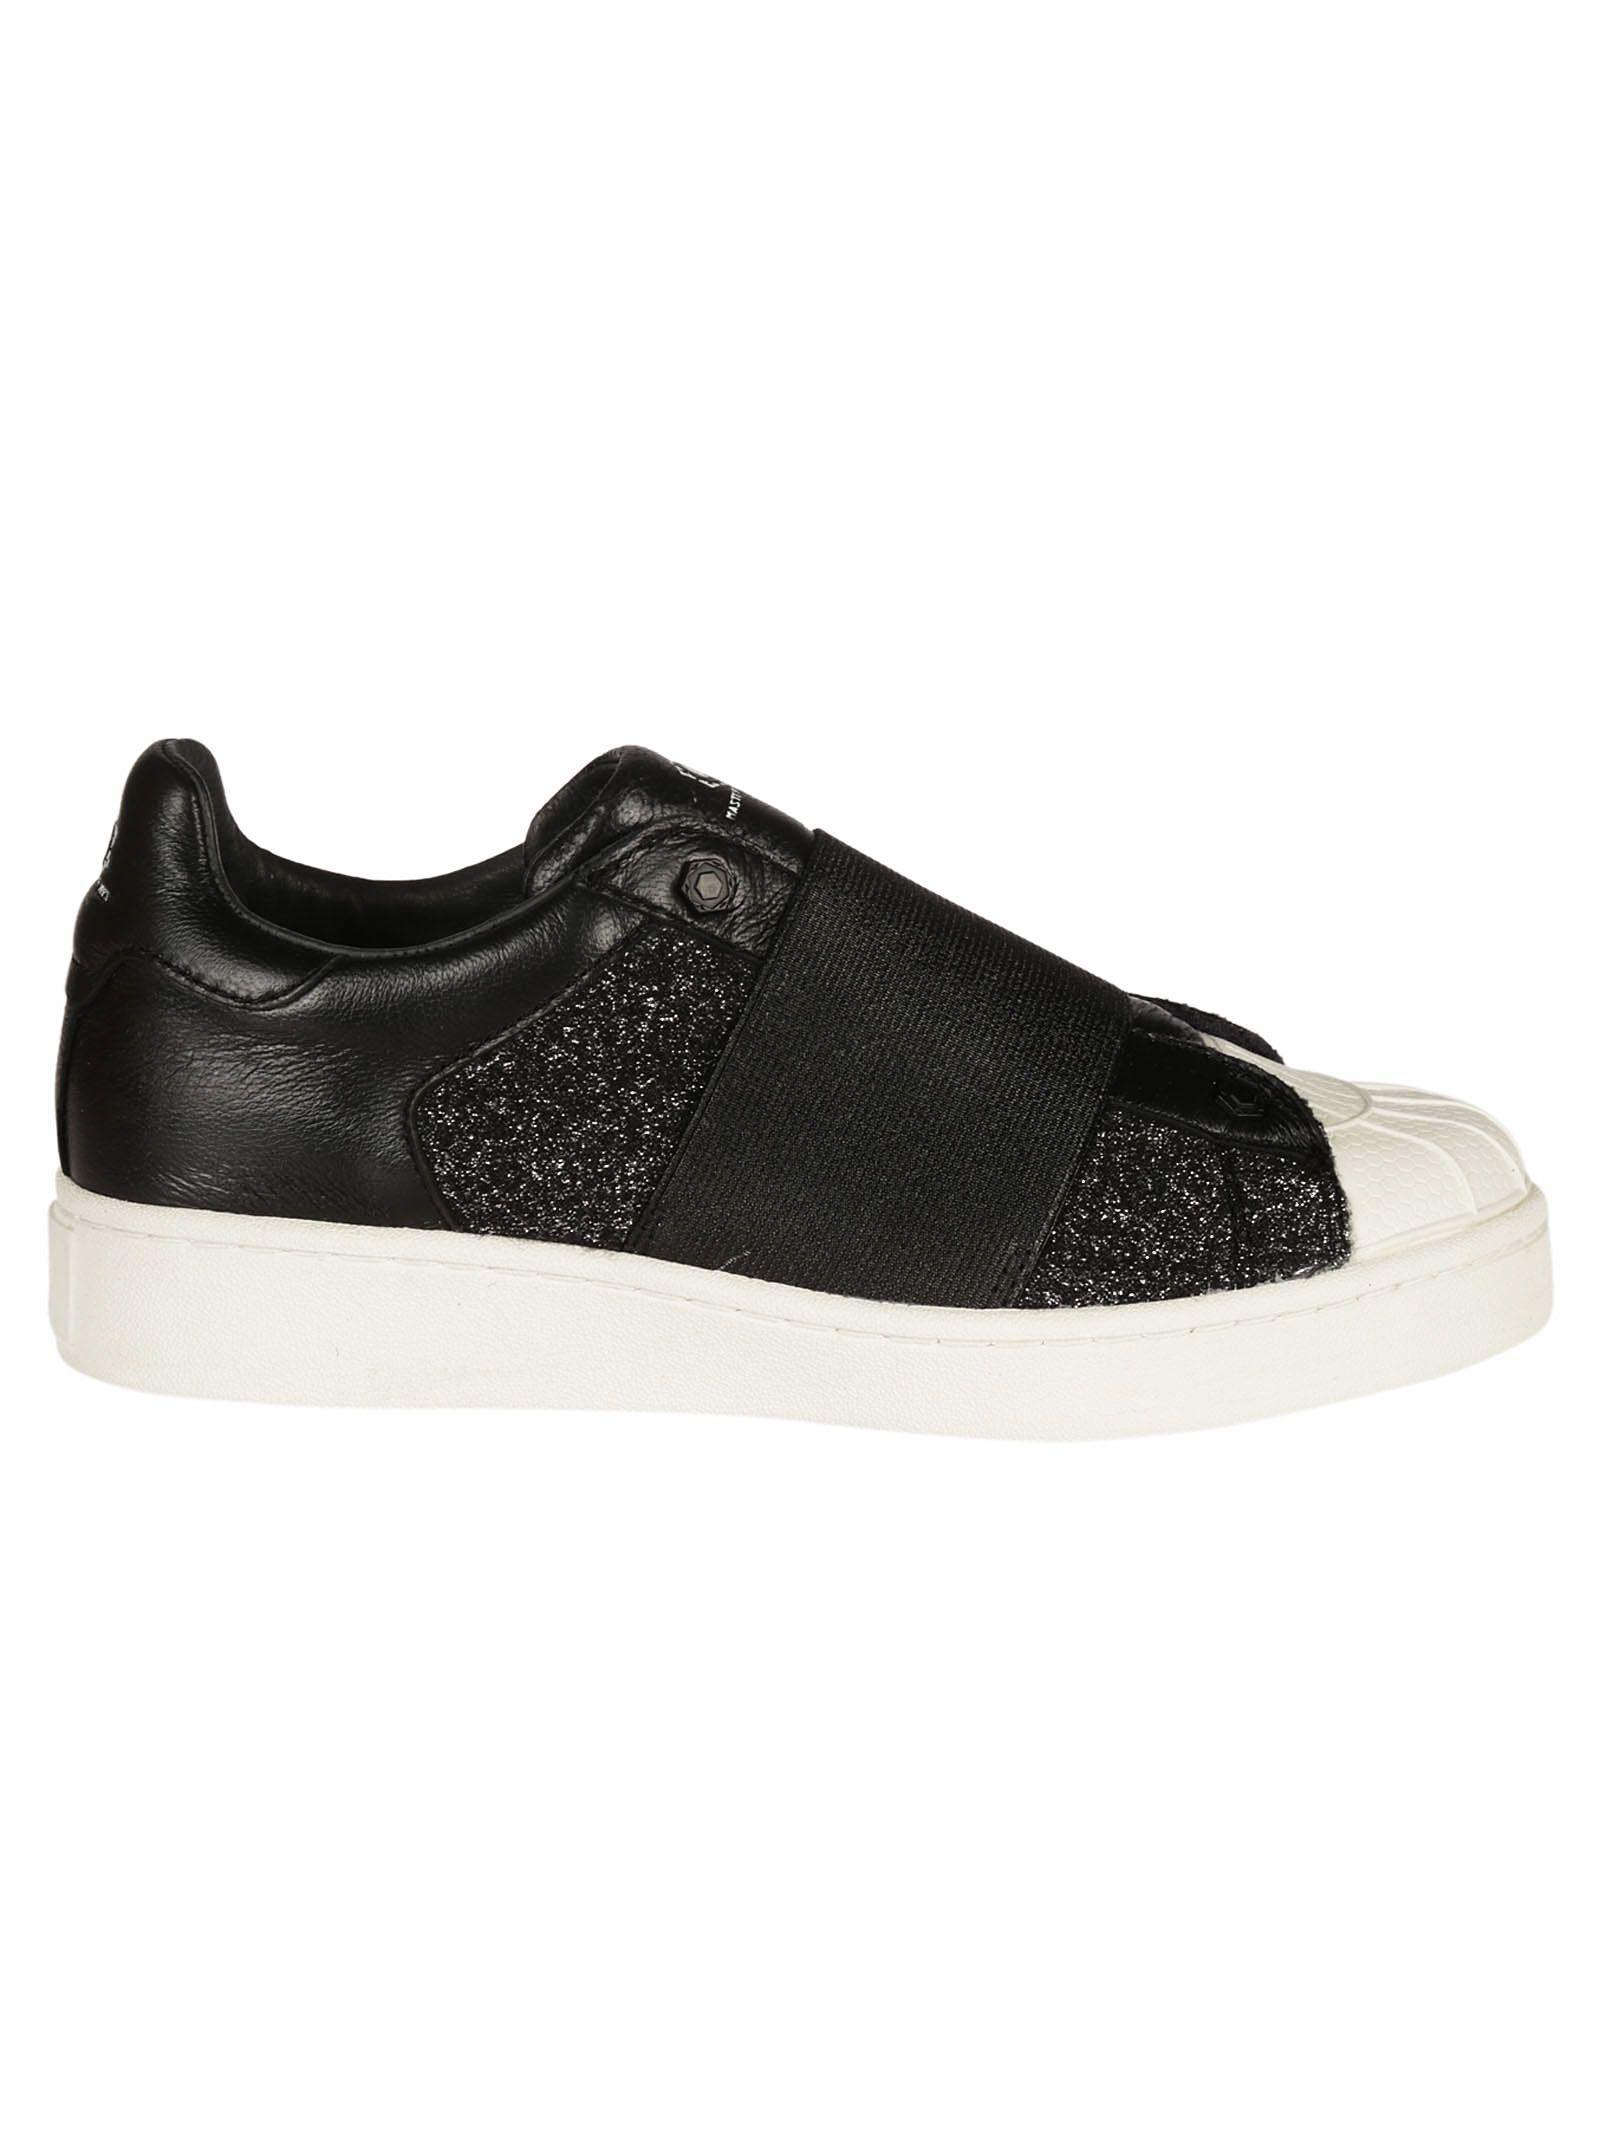 M.o.a. Black Elastic Band Slip-on Sneakers